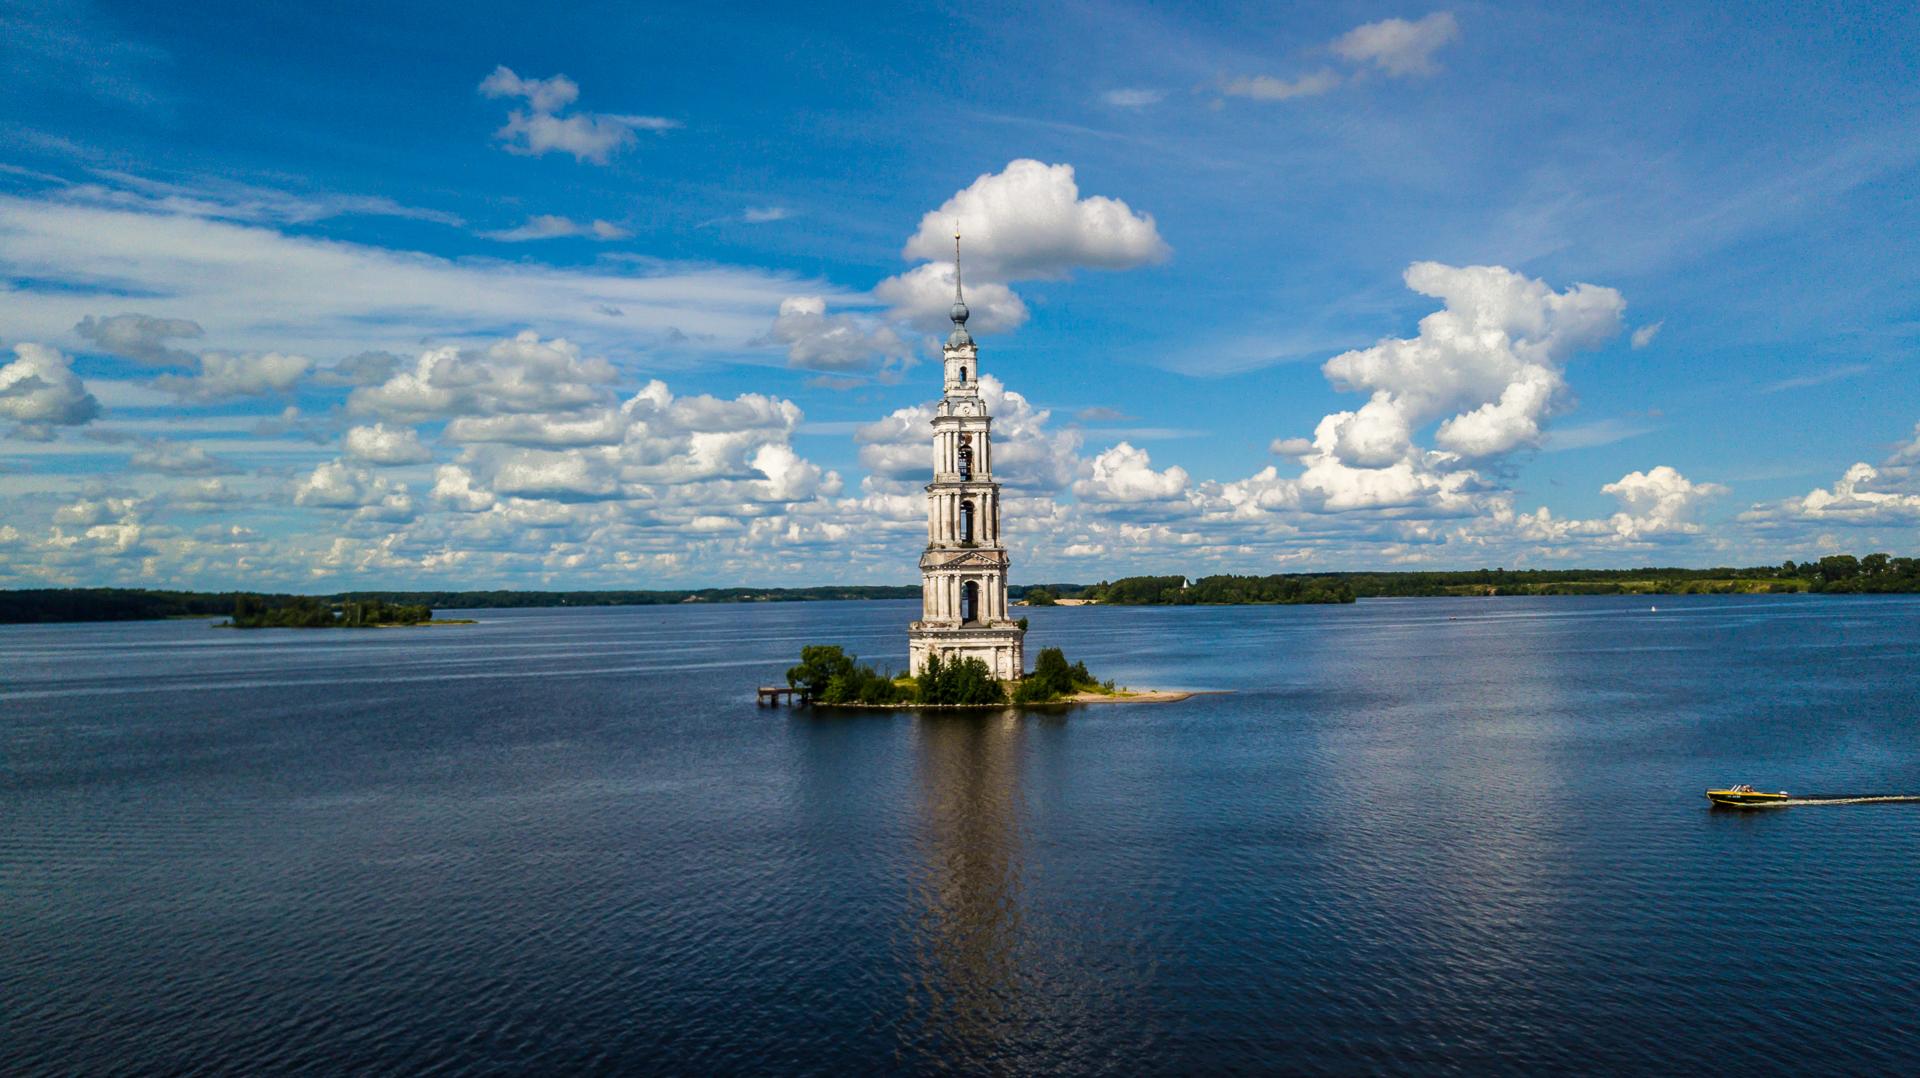 В Тверской области восемь туристических проектов получат поддержку из регионального бюджета